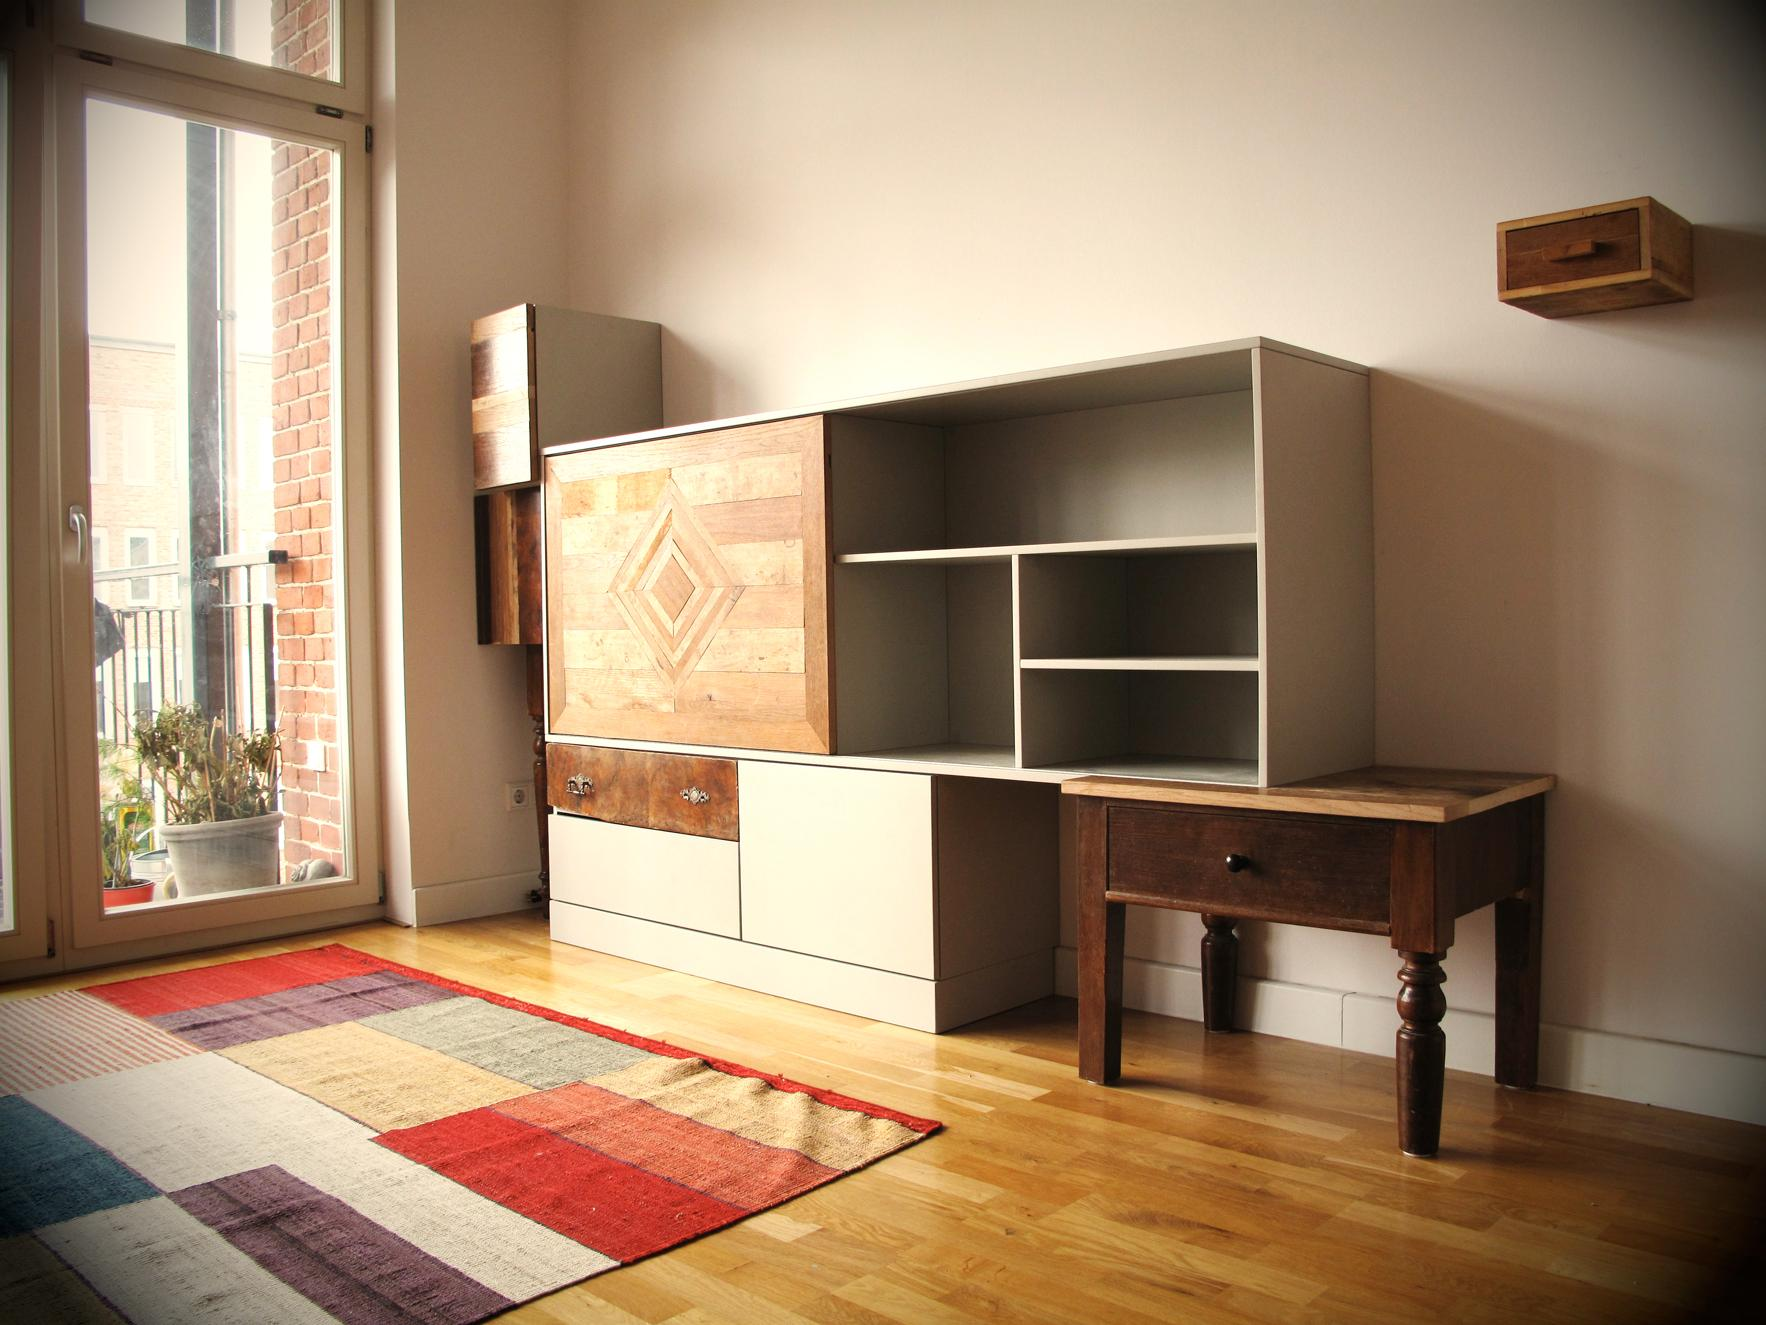 Aufbewahrungsm bel bilder ideen couch for Aufbewahrungsmobel wohnzimmer